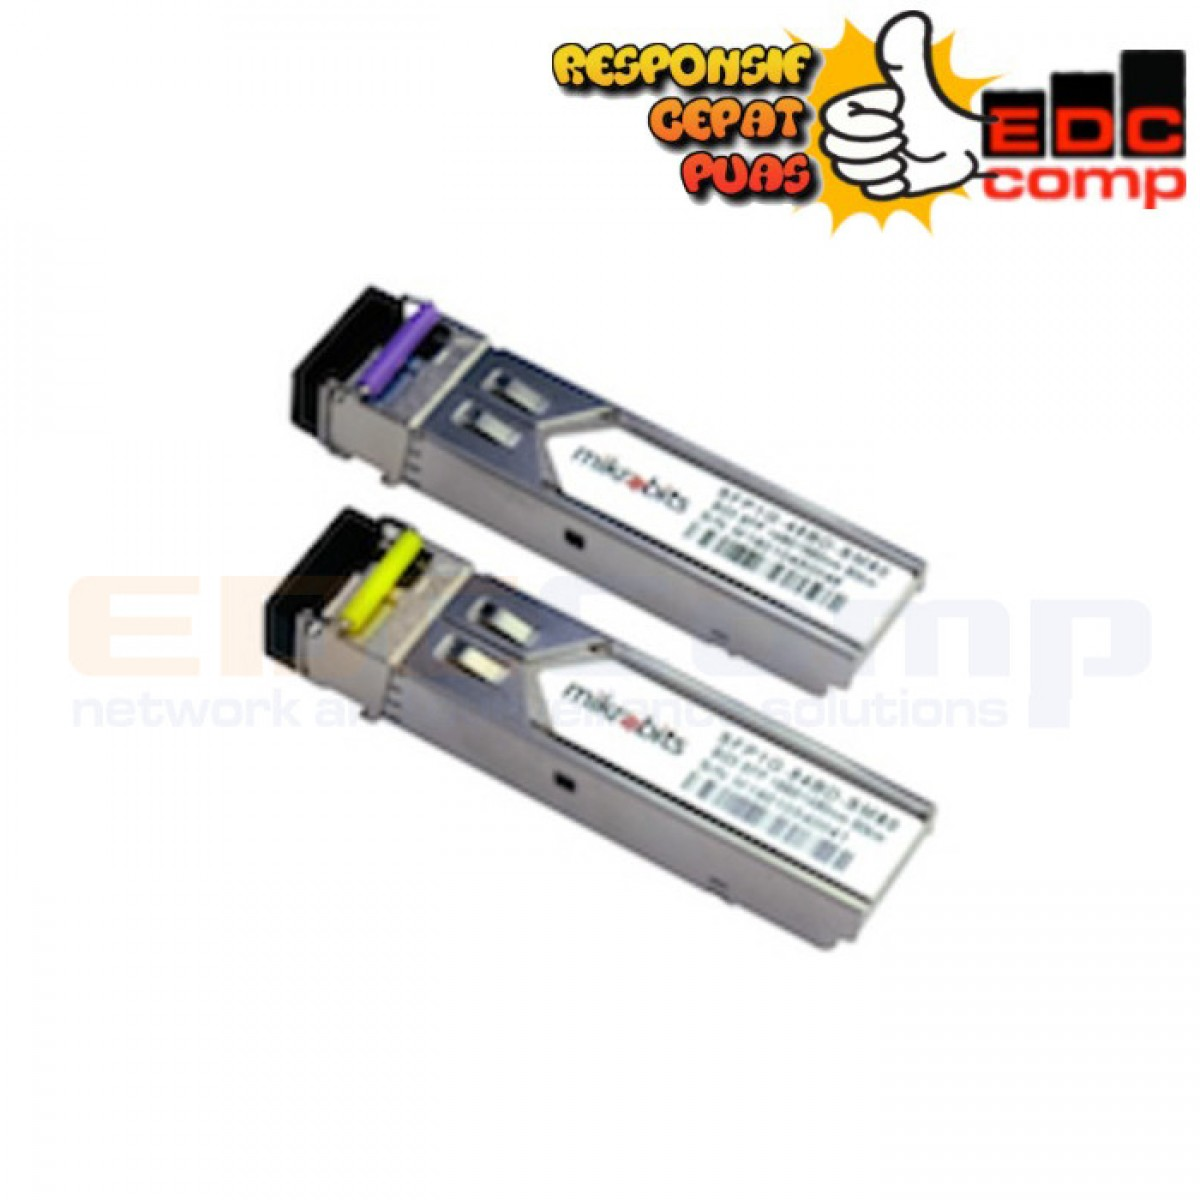 Mikrobits SFP Transceiver SFP-1G-BD-SM-80KM - EdcComp